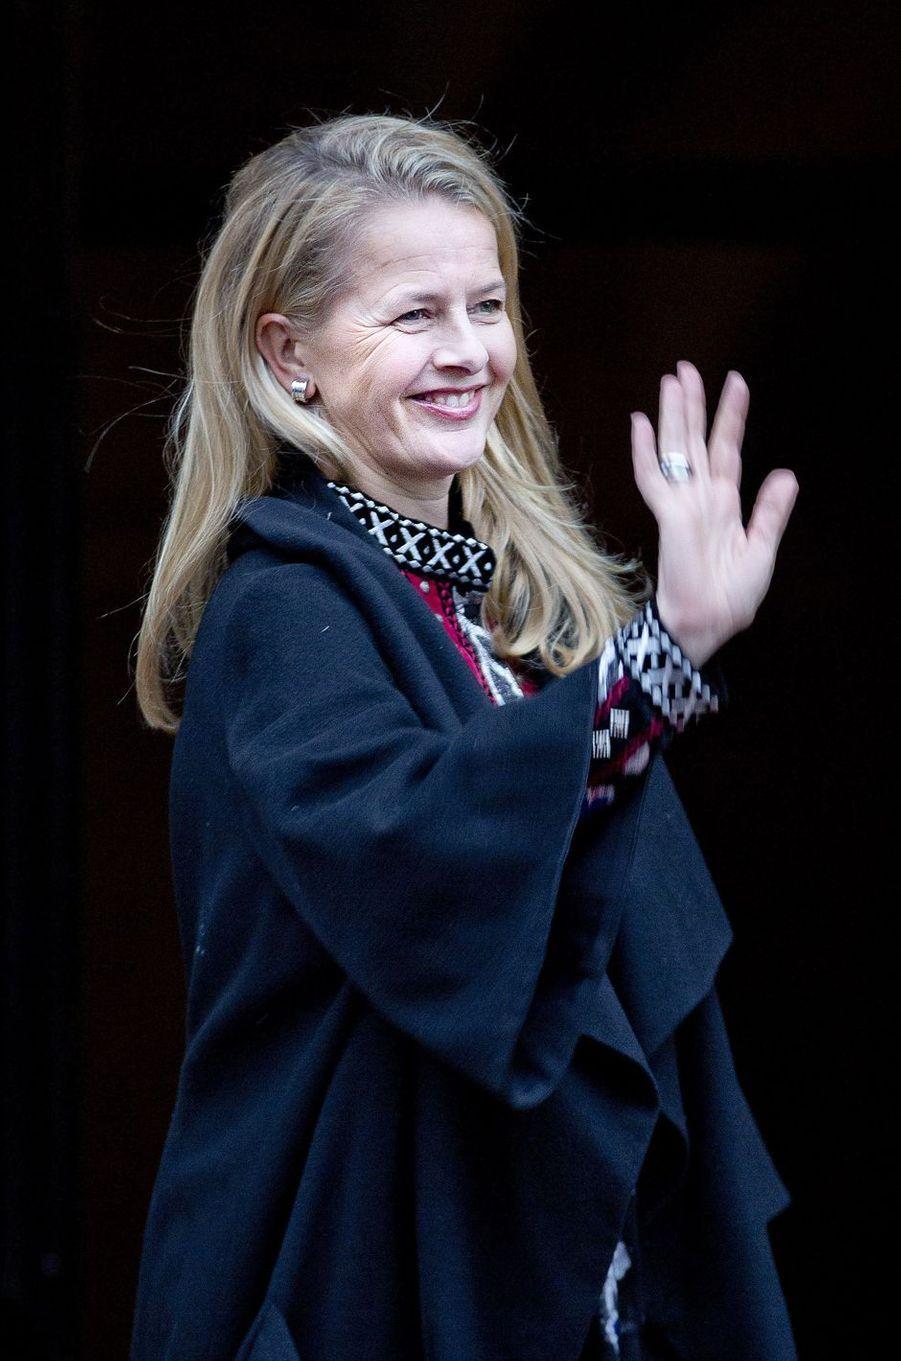 La princesse Mabel des Pays-Bas à Amsterdam, le 6 décembre 2017